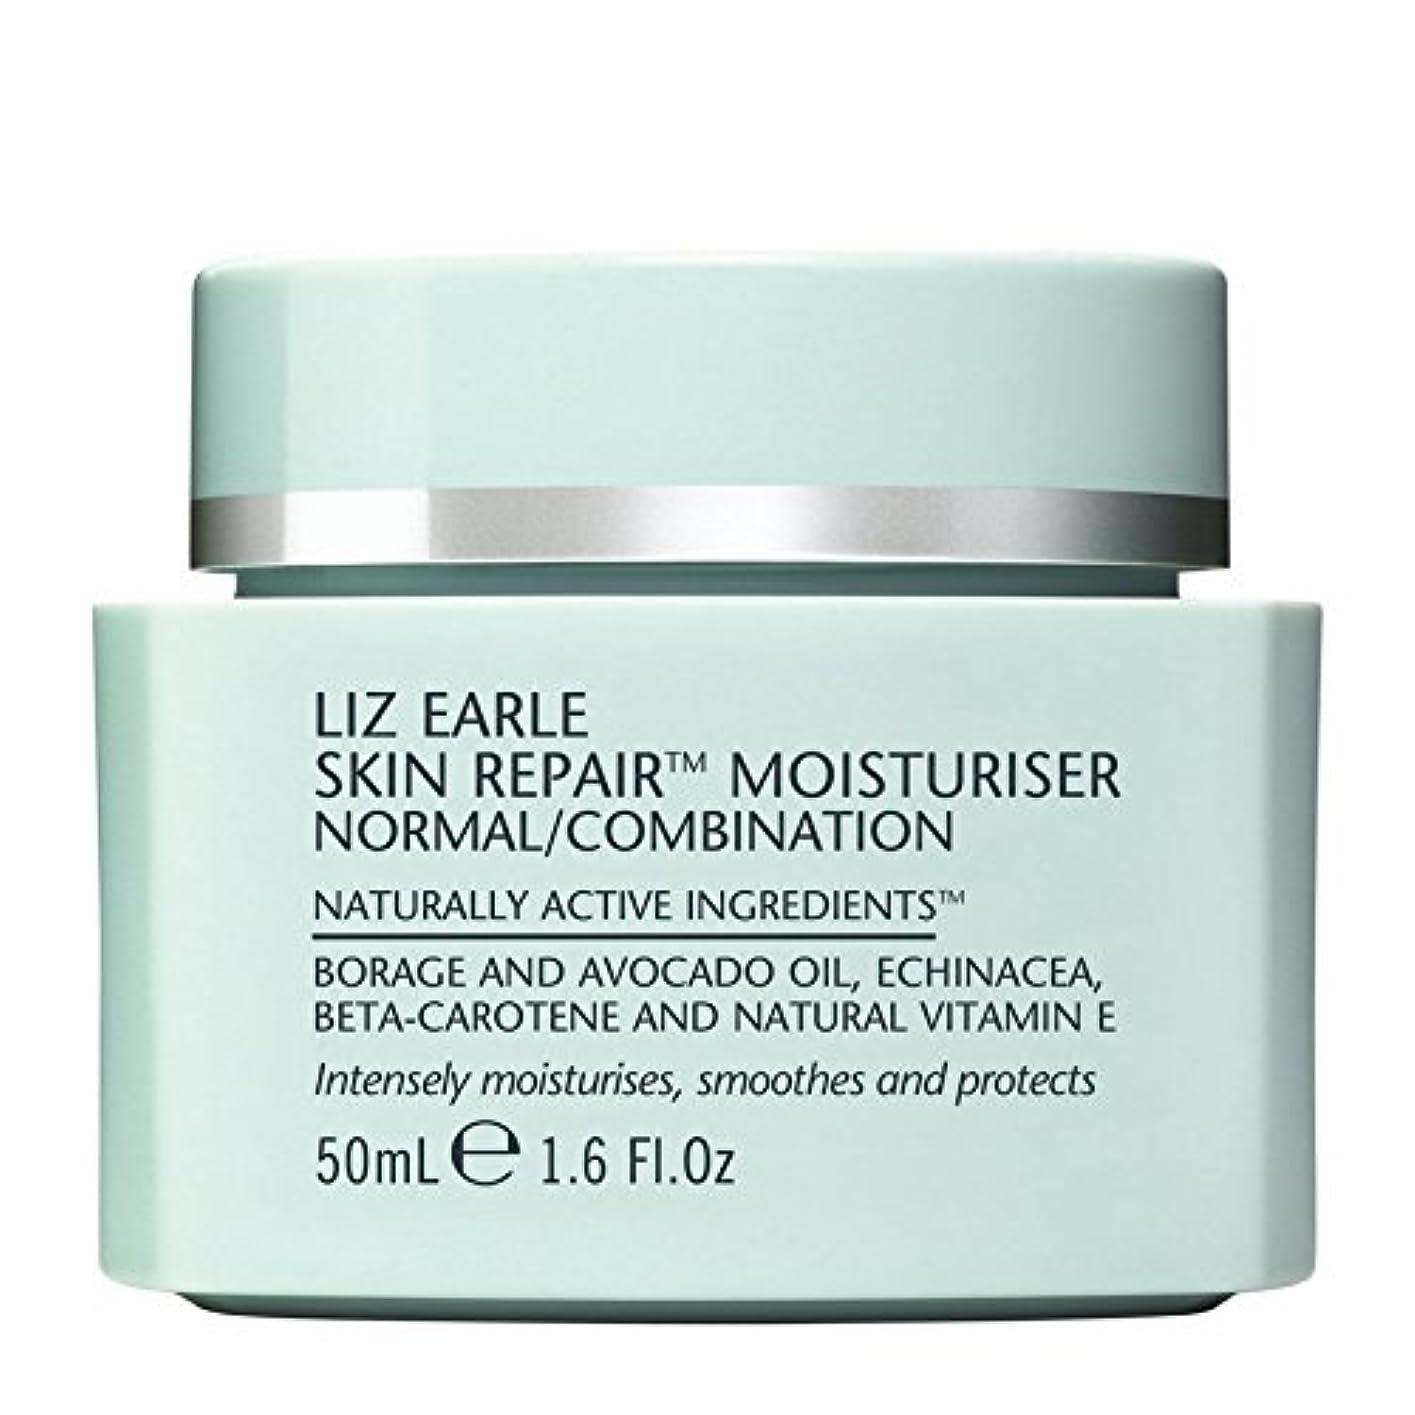 推測不格好海岸Liz Earle Skin Repair Moisturiser Normal/Combination 50ml - リズアールスキンリペアモイスチャライザーノーマル/コンビネーション50ミリリットル [並行輸入品]